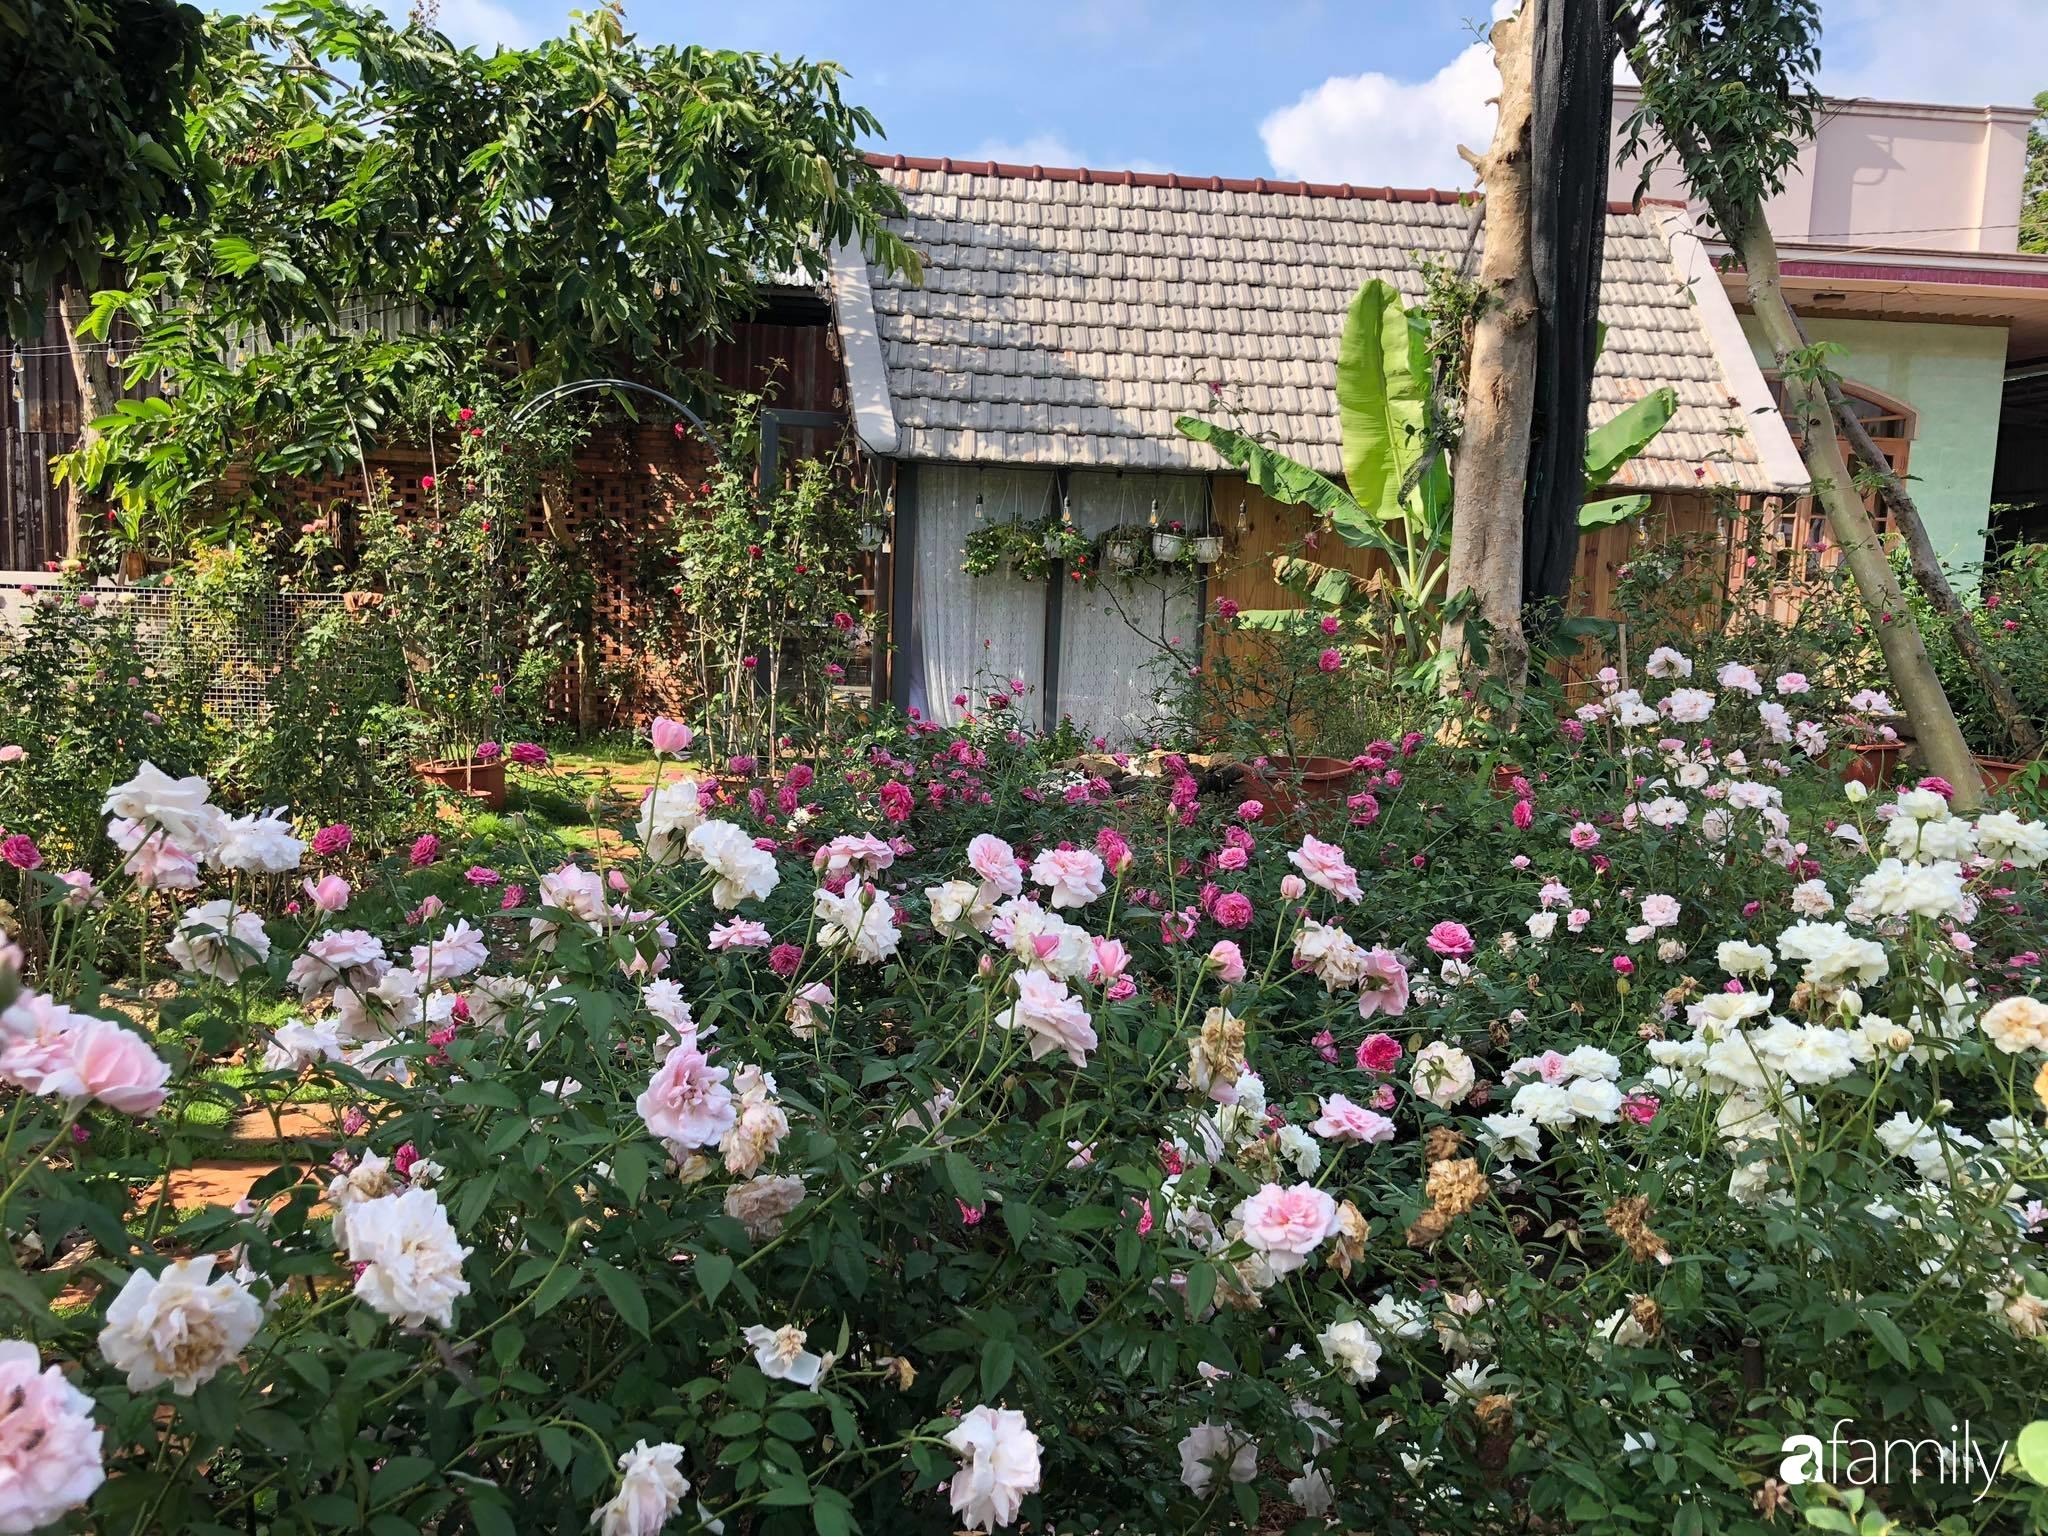 Khu vườn hoa hồng đẹp như cổ tích mà người chồng ngày đêm chăm sóc để tặng vợ con ở Vũng Tàu-3